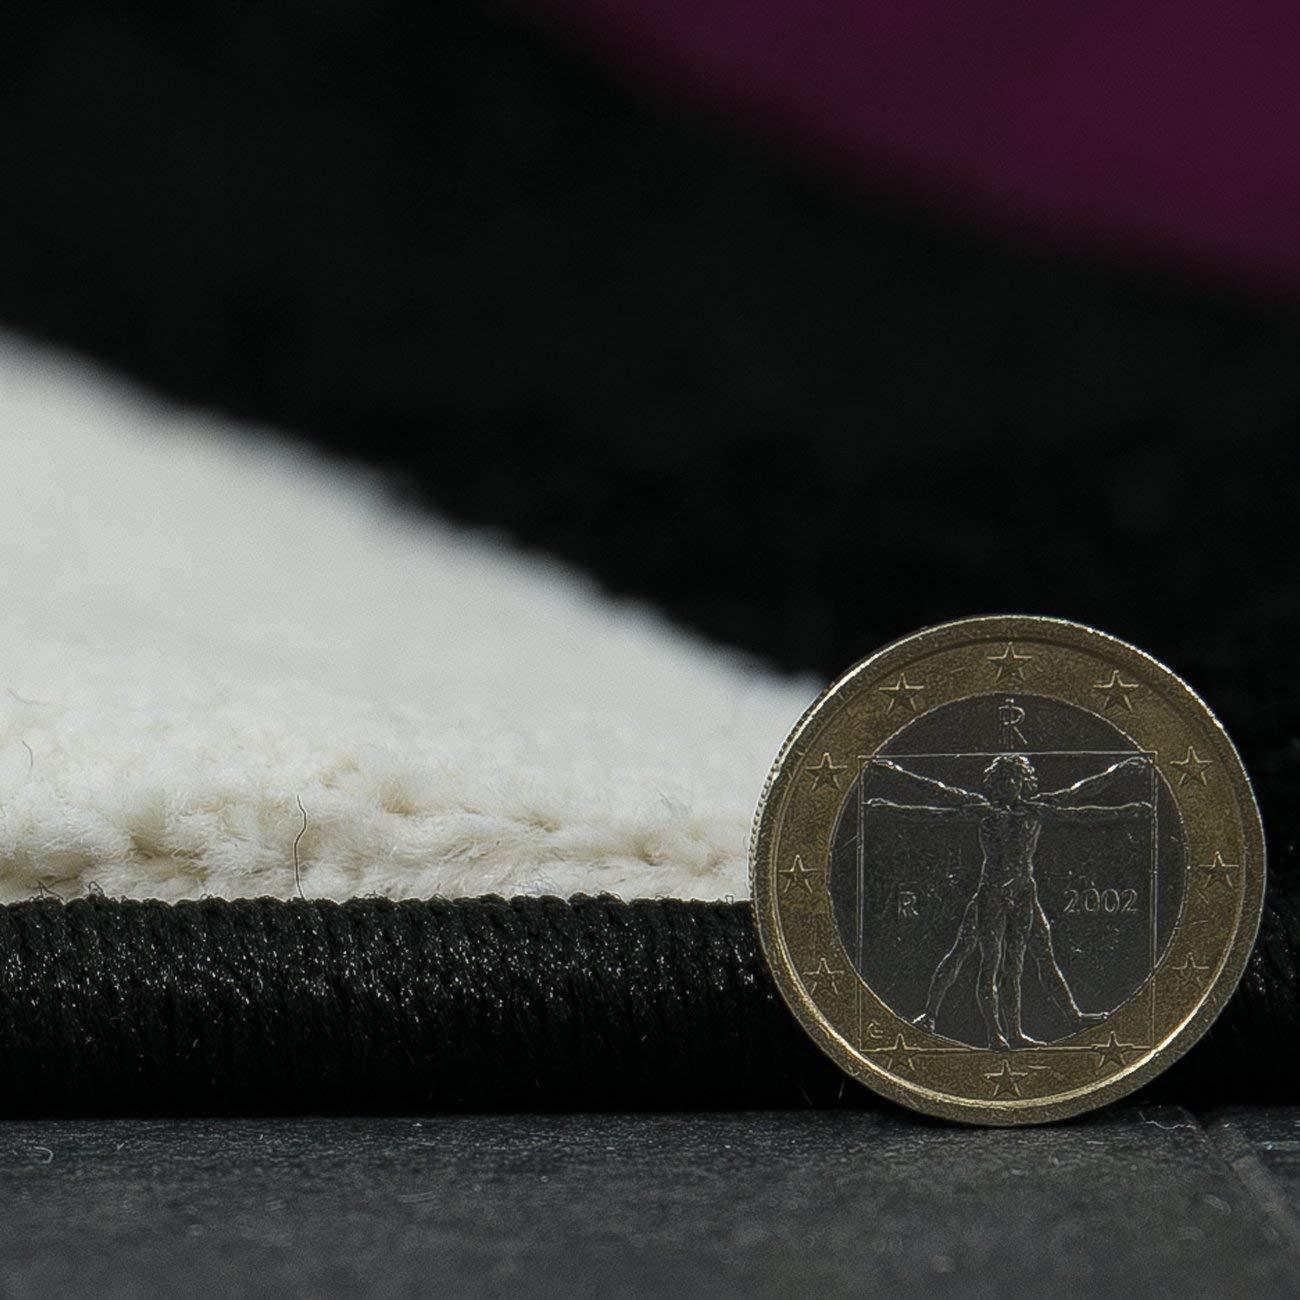 80x150 cm test/é de Oeko-Tex Noir Vimoda Salon Tapis Moderne Noir Vert Vagues Motif Handcarved Moelleux Souple countours de d/écoupe